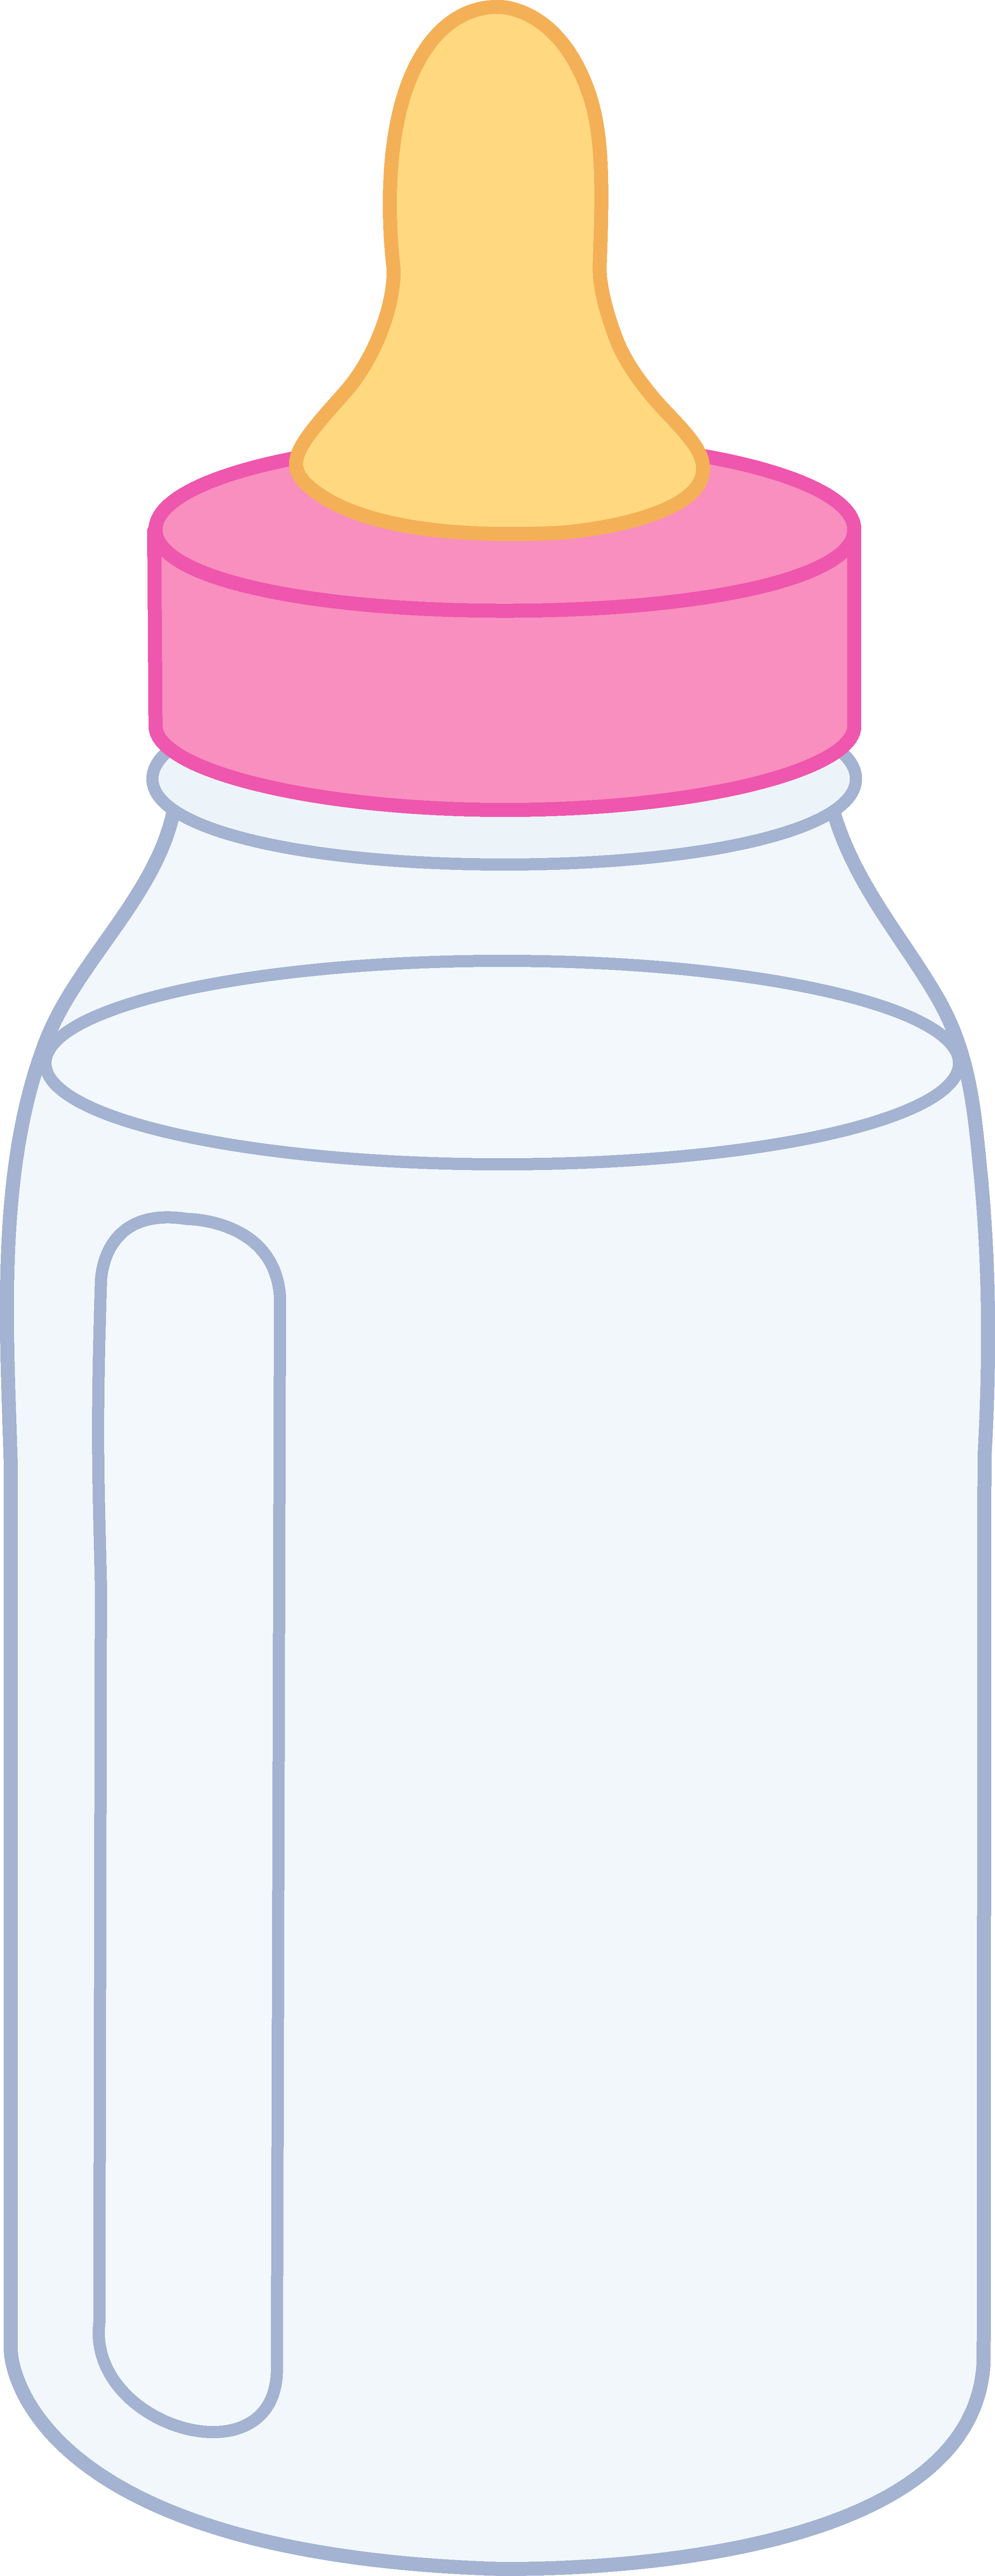 Infant clipart baby milk bottle, Infant baby milk bottle ...